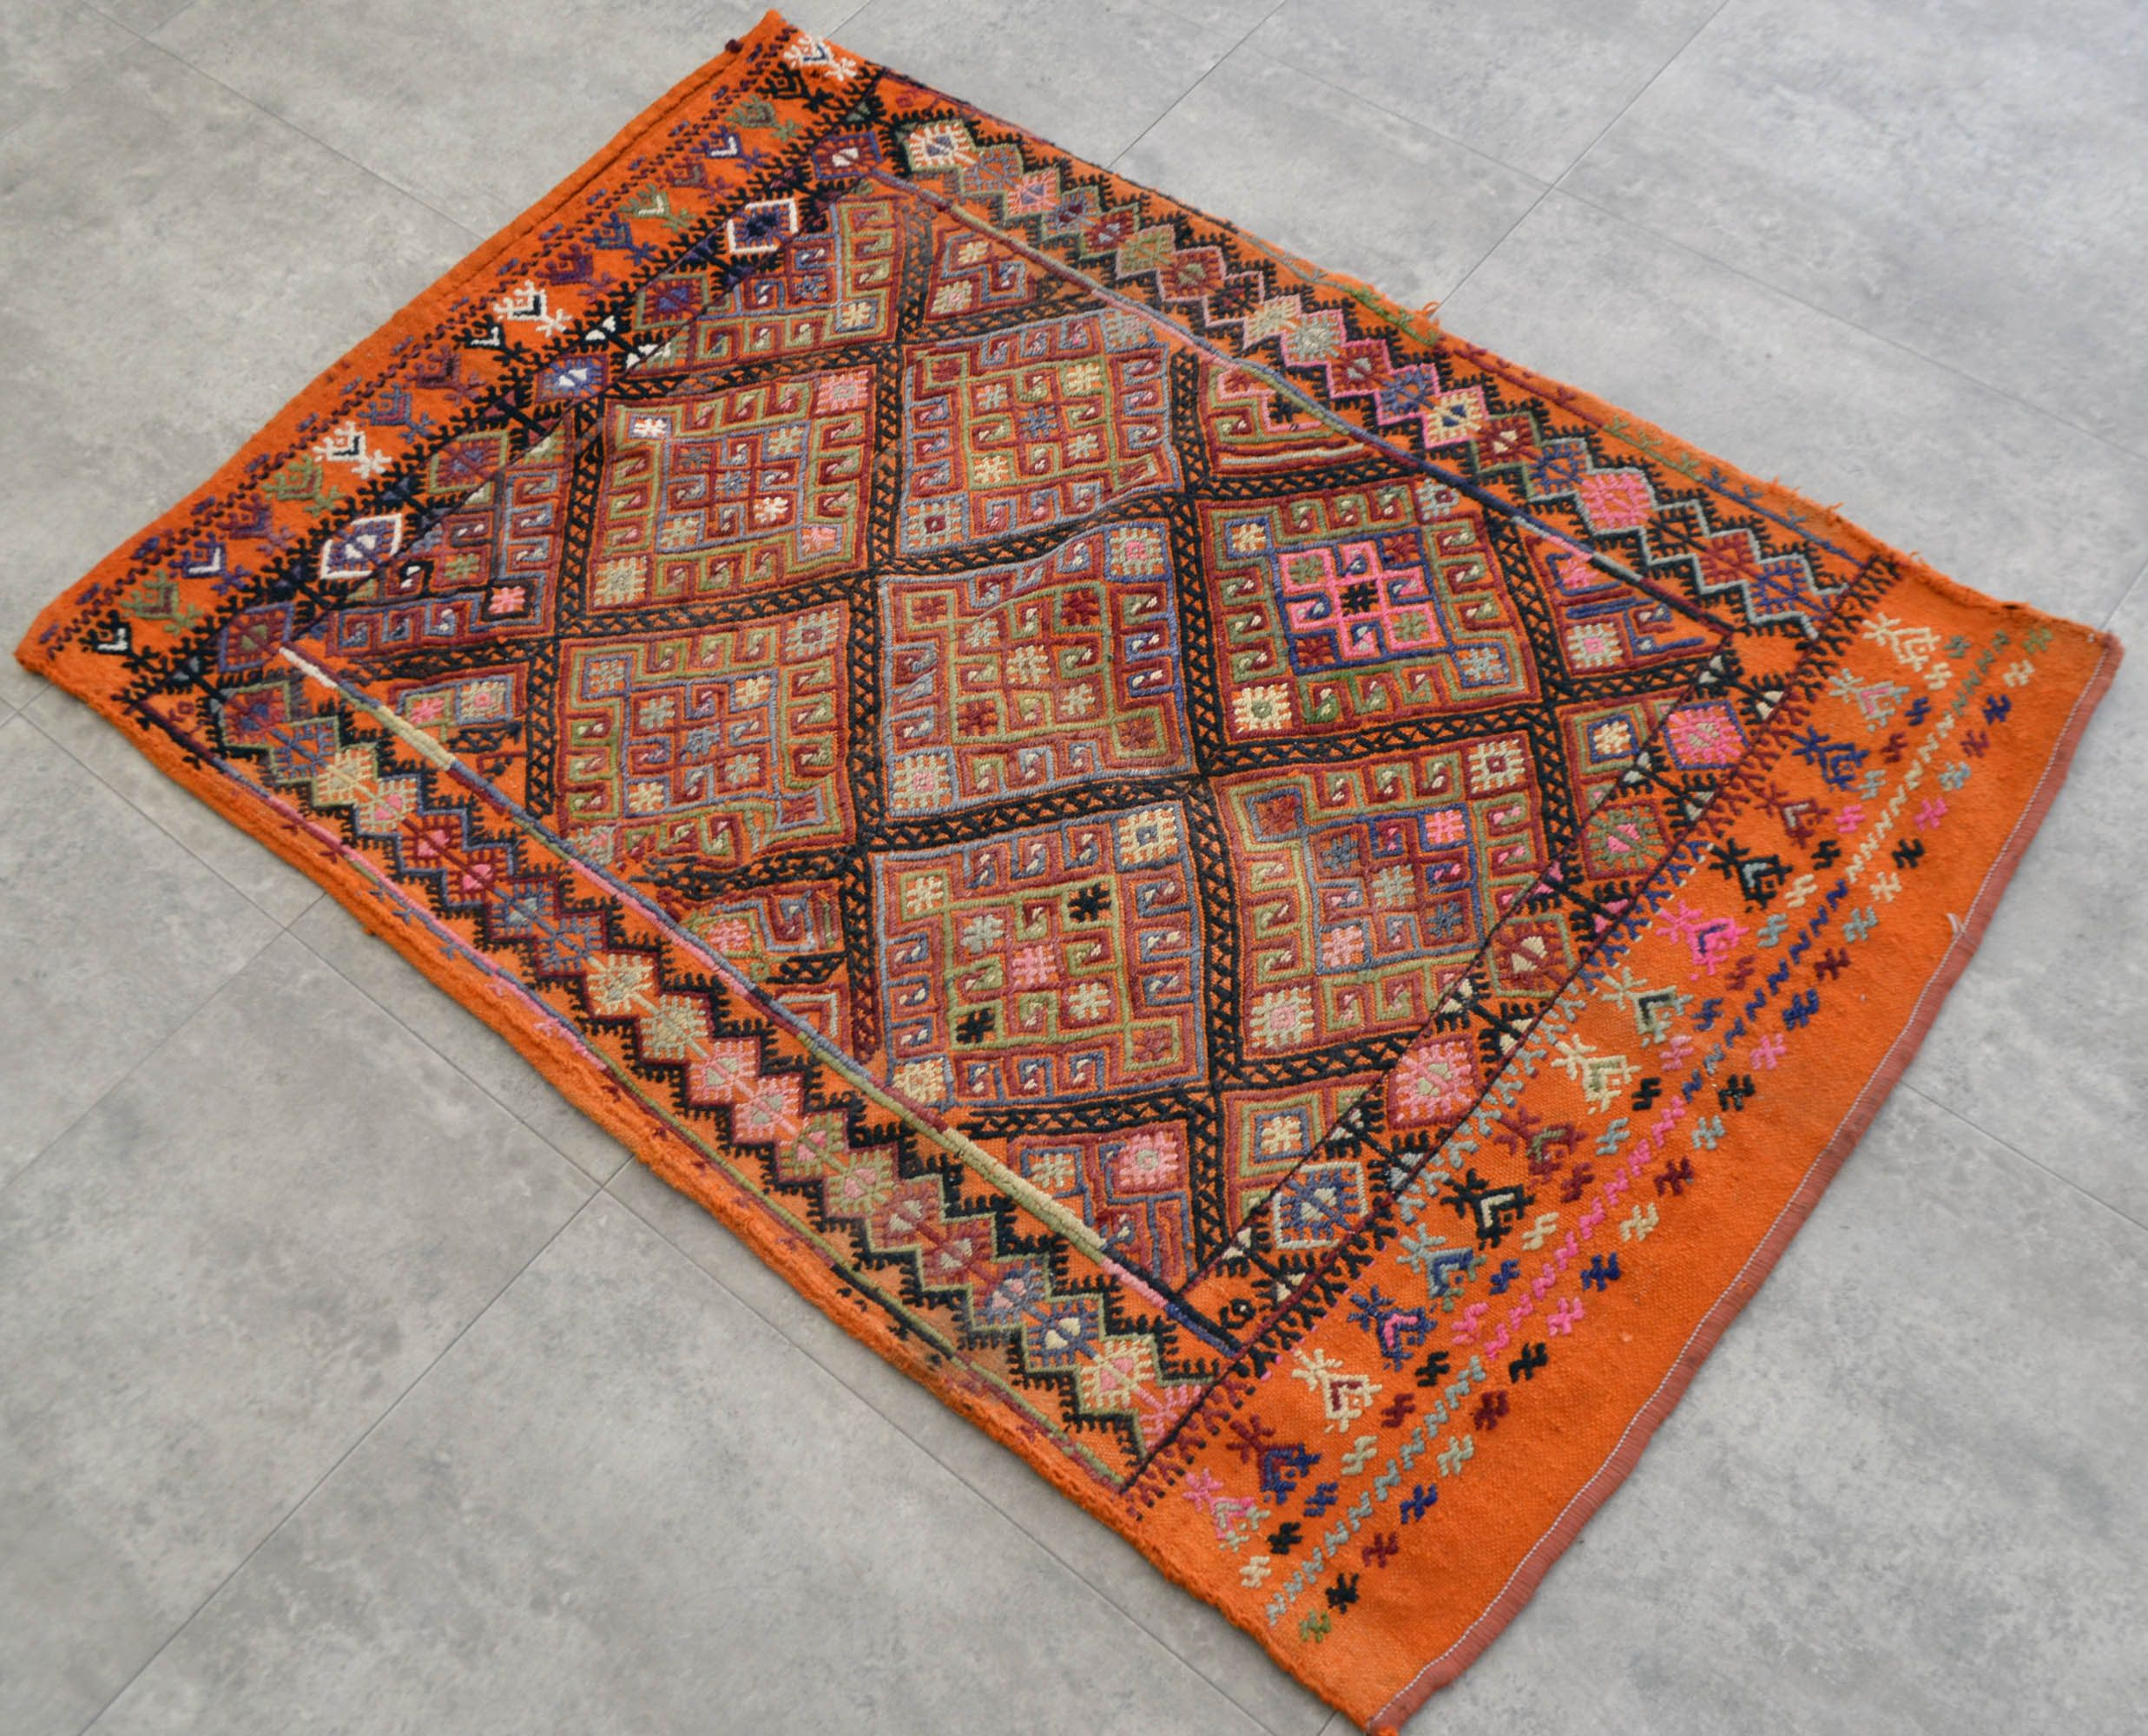 Turkish Kilim Rug Hand Woven Wool Mini Rug Vintage Sack Rug 32″ x 47″ Orange Rug - SKU BSM830 by TurkishKilimsRugs on Etsy